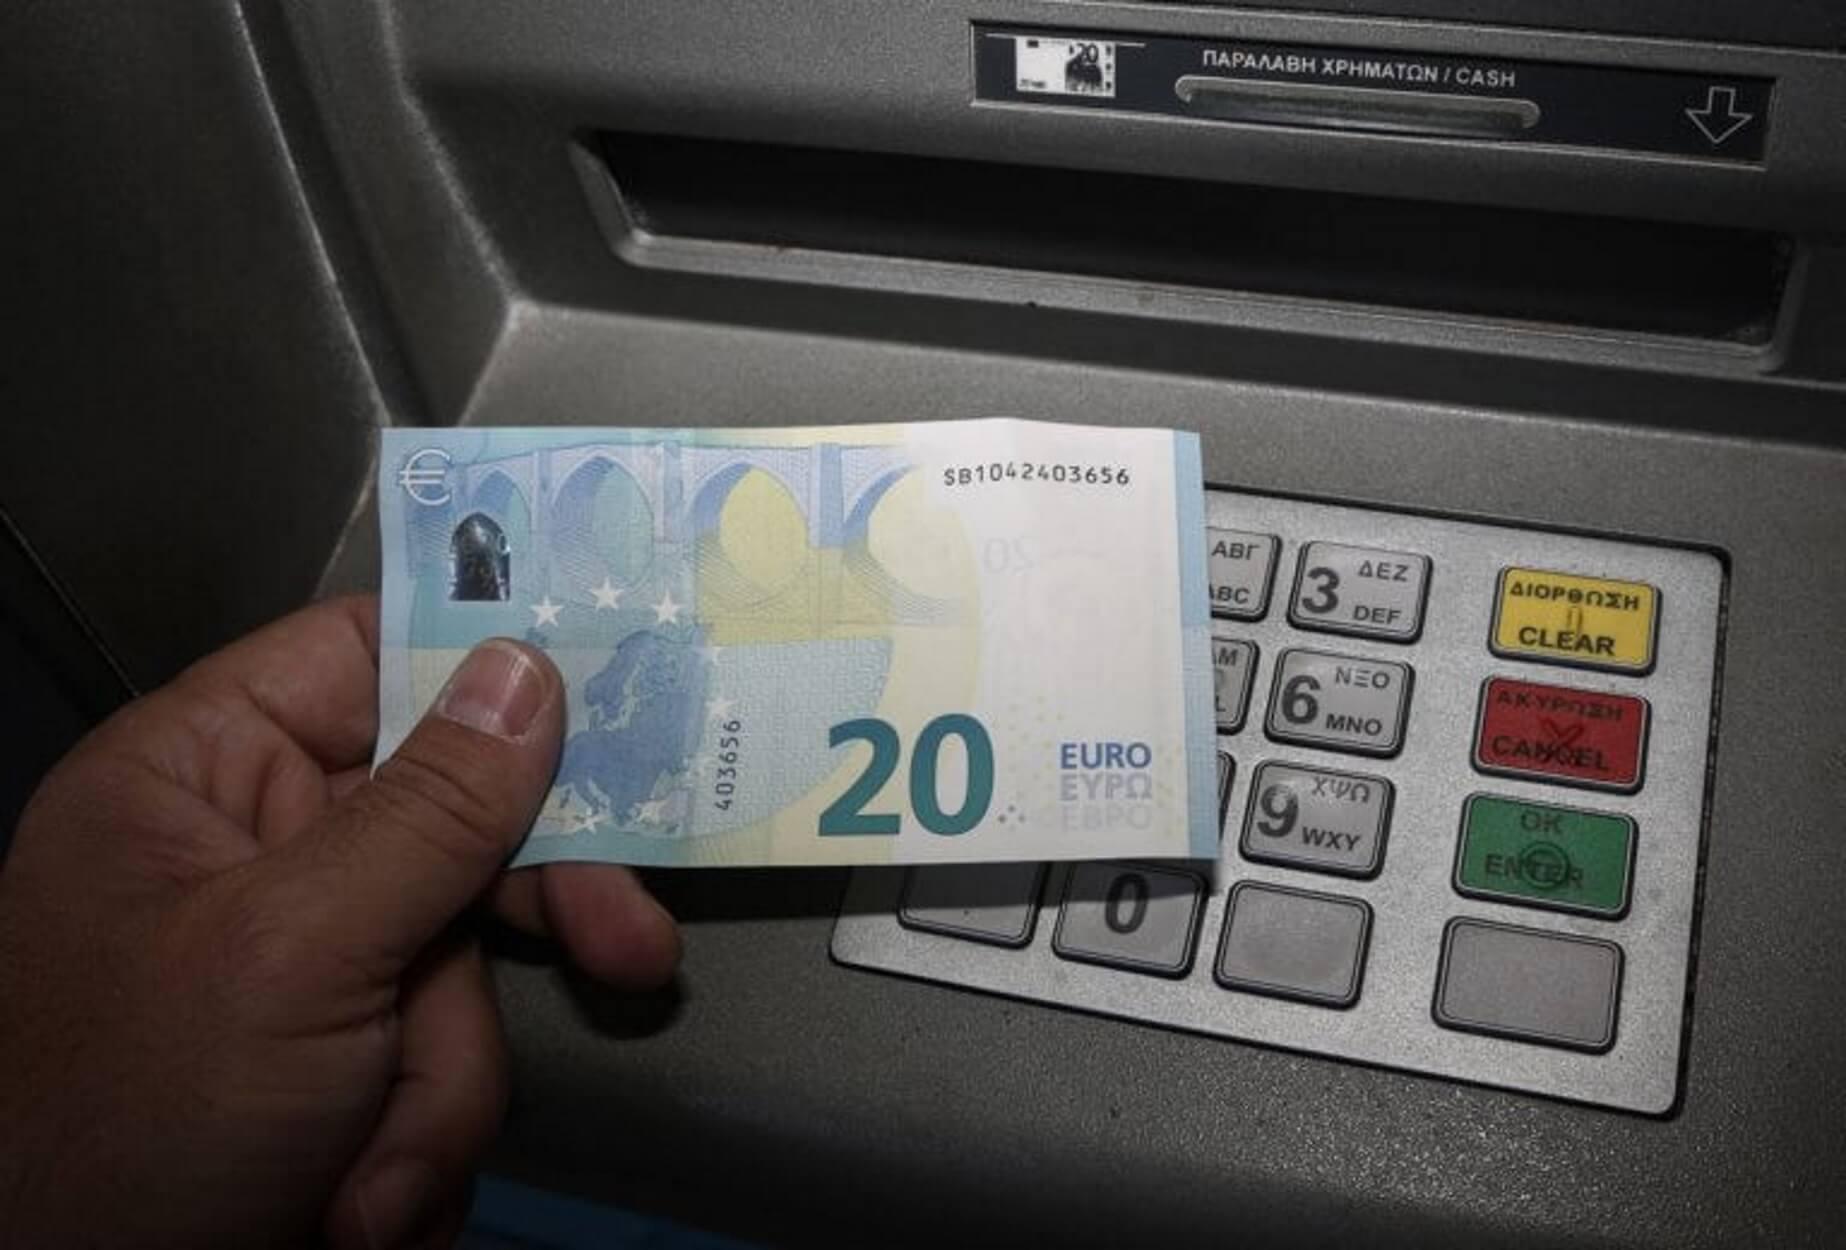 Στεγαστικό επίδομα 1000 ευρώ: Επεκτείνεται και στους καταρτιζόμενους των Δημόσιων ΙΕΚ